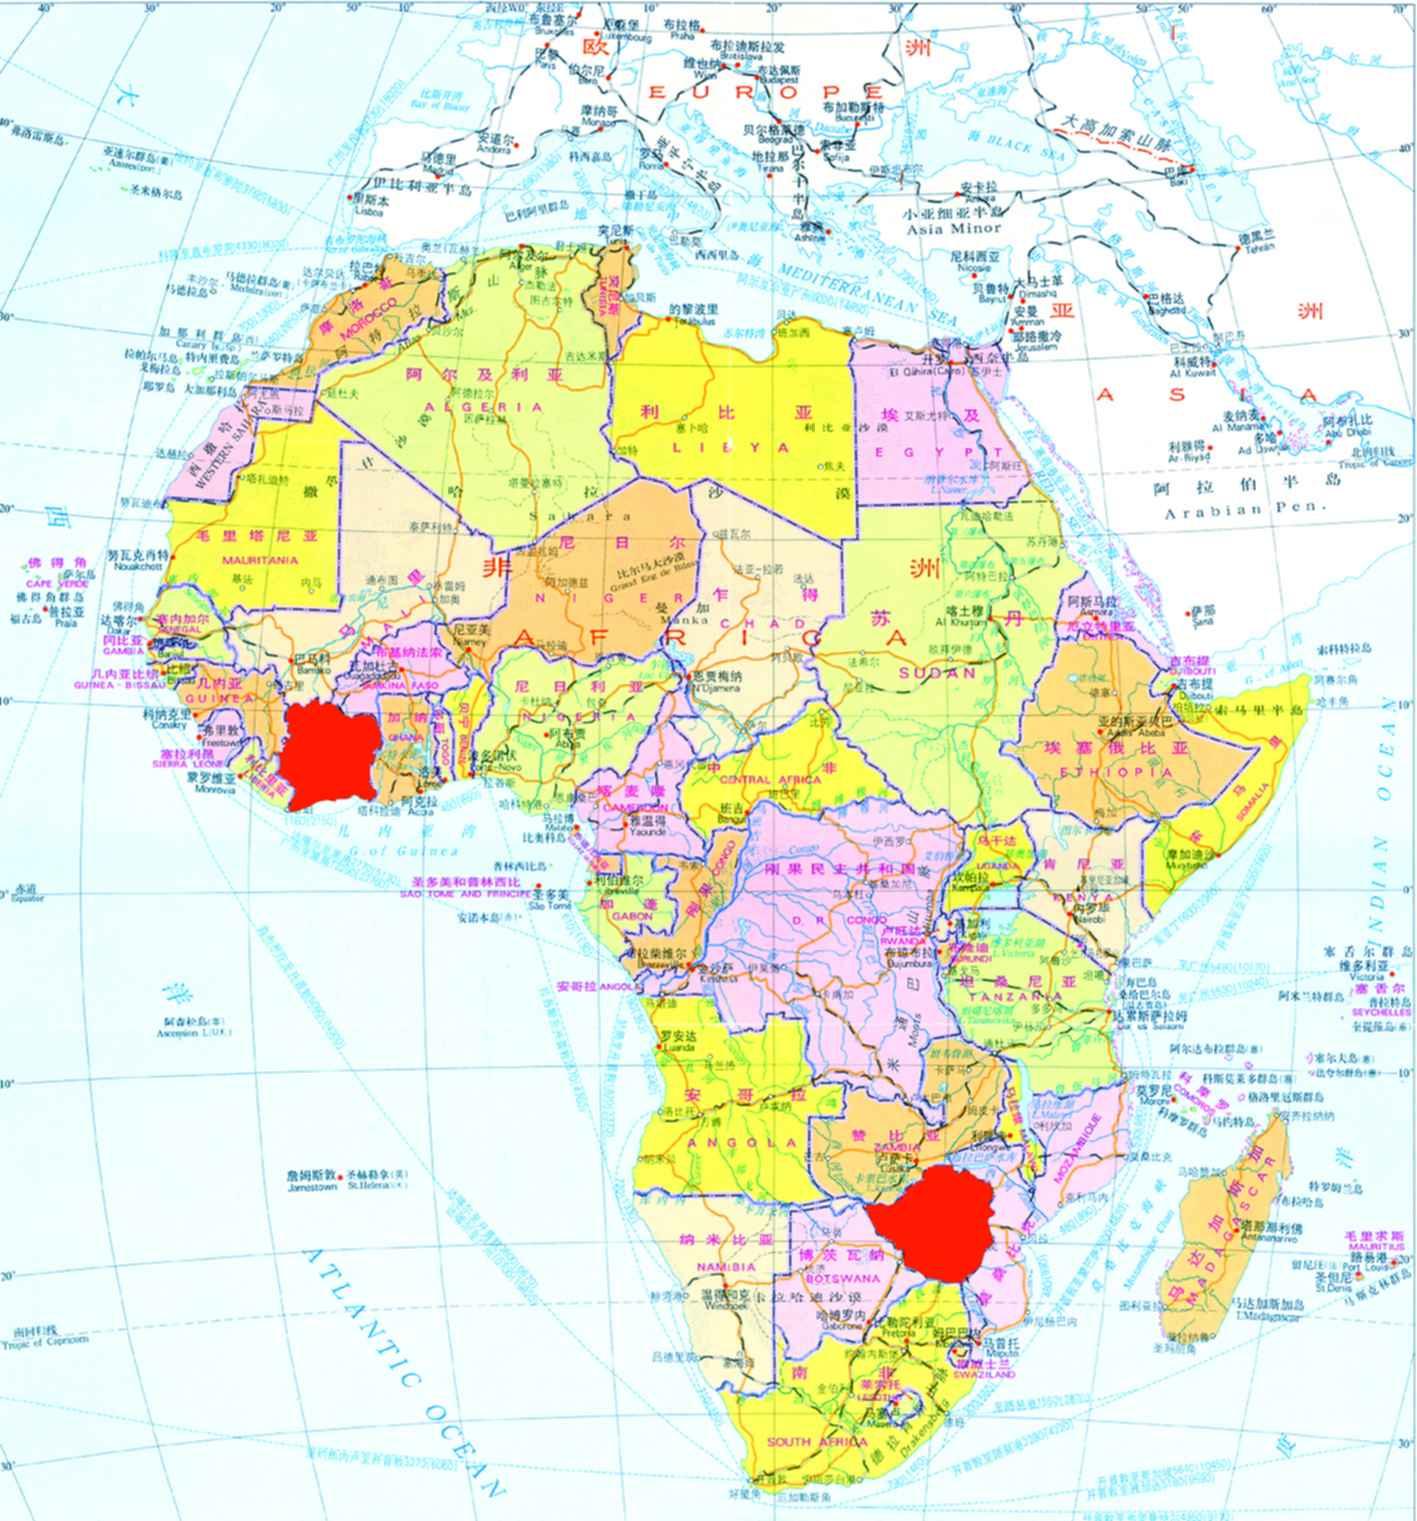 印度中文版电子地图及高清卫星地图-世界地图